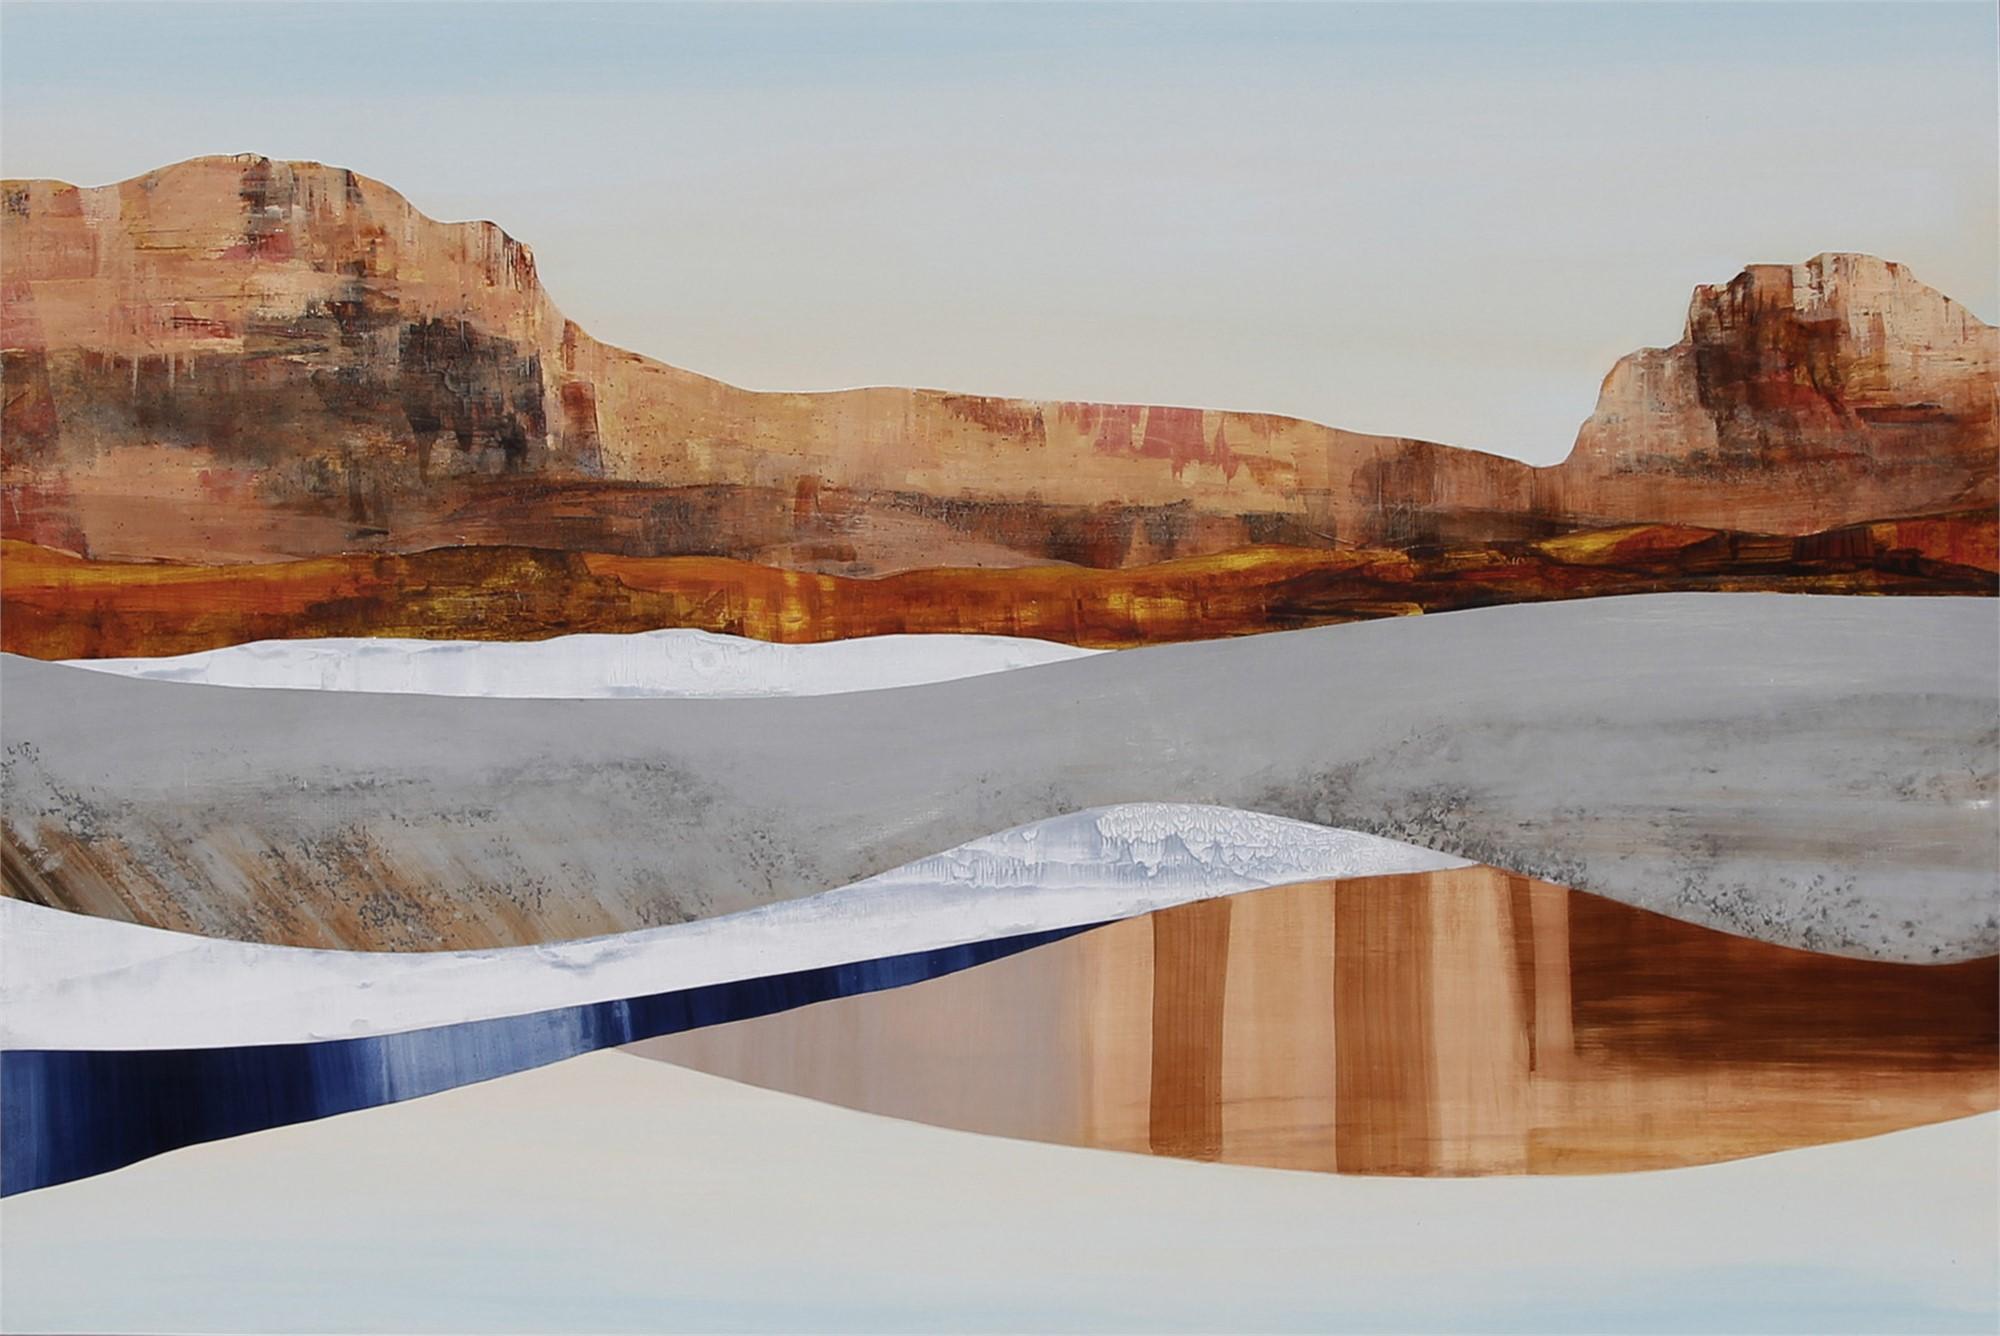 Colorado River by Sarah Winkler